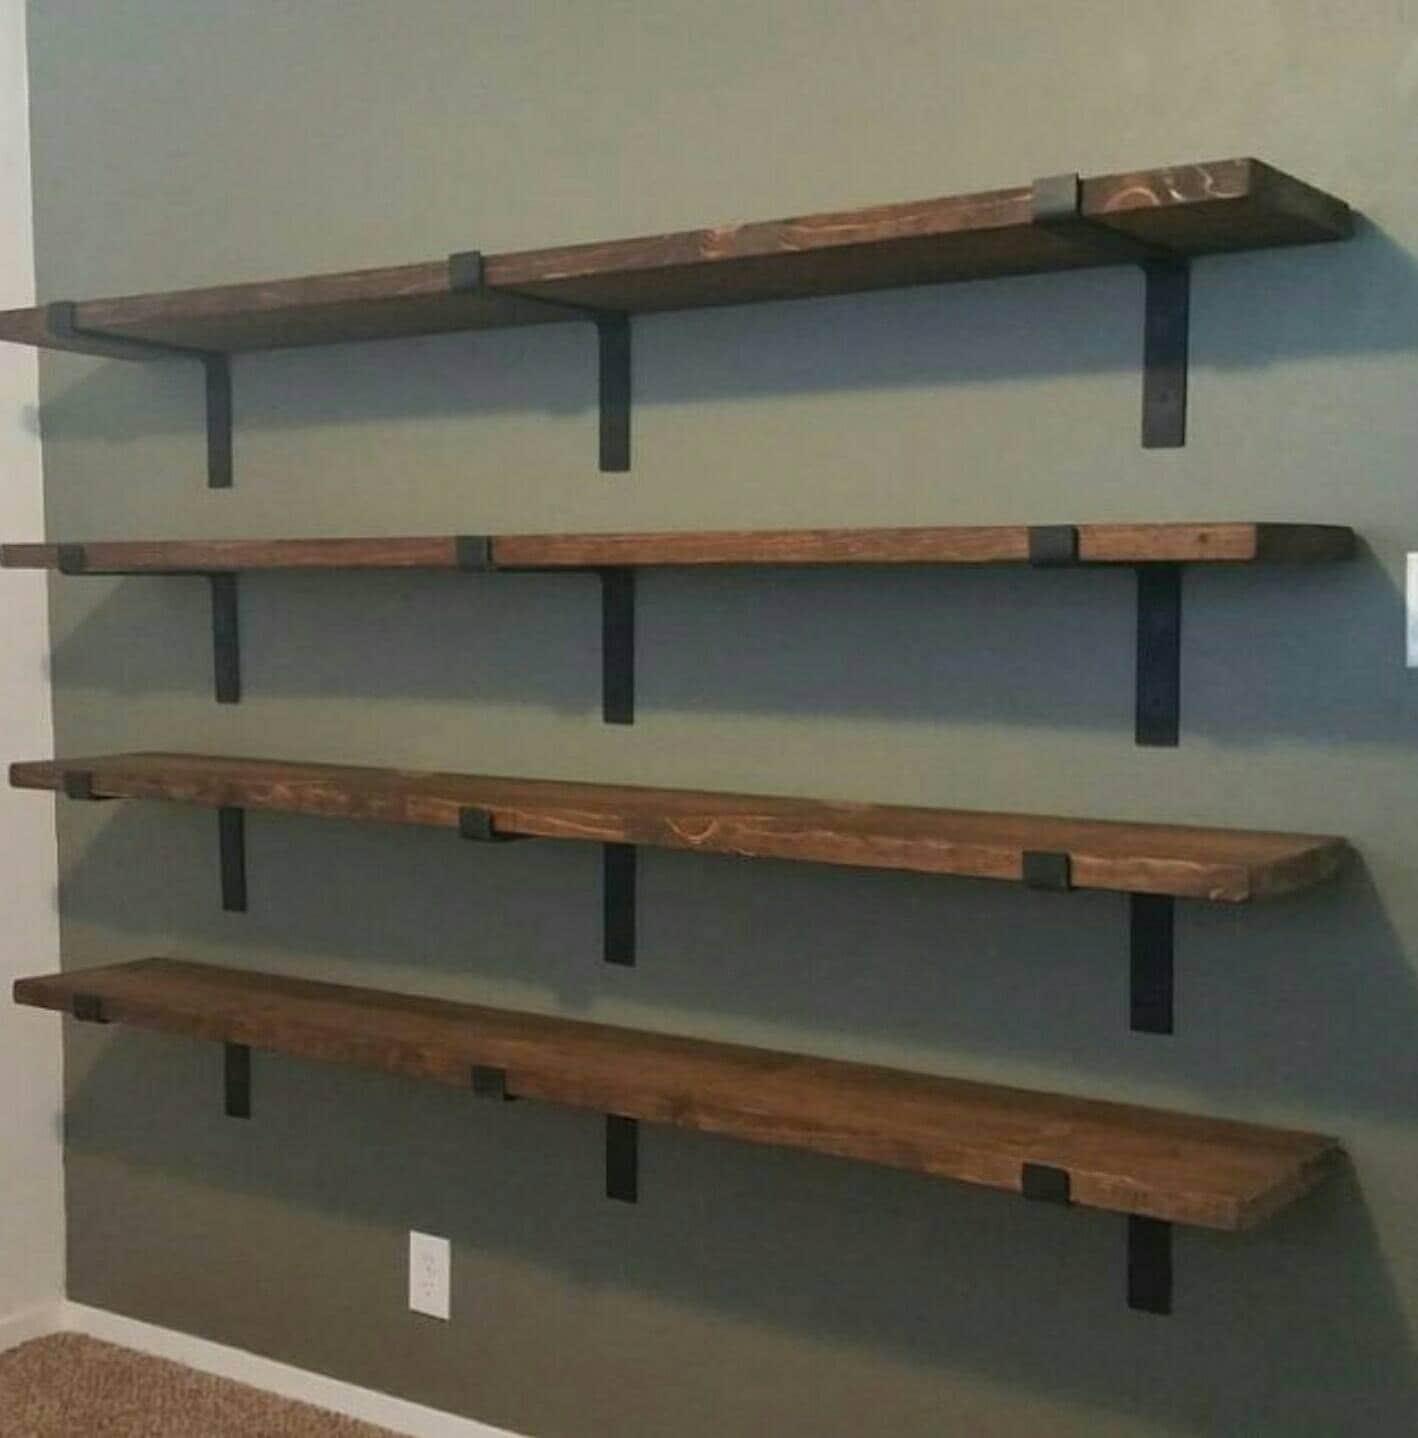 Kitchen Shelf Brackets Wood: Metal Shelf Brackets Handmade 2 Wide Heavy Duty